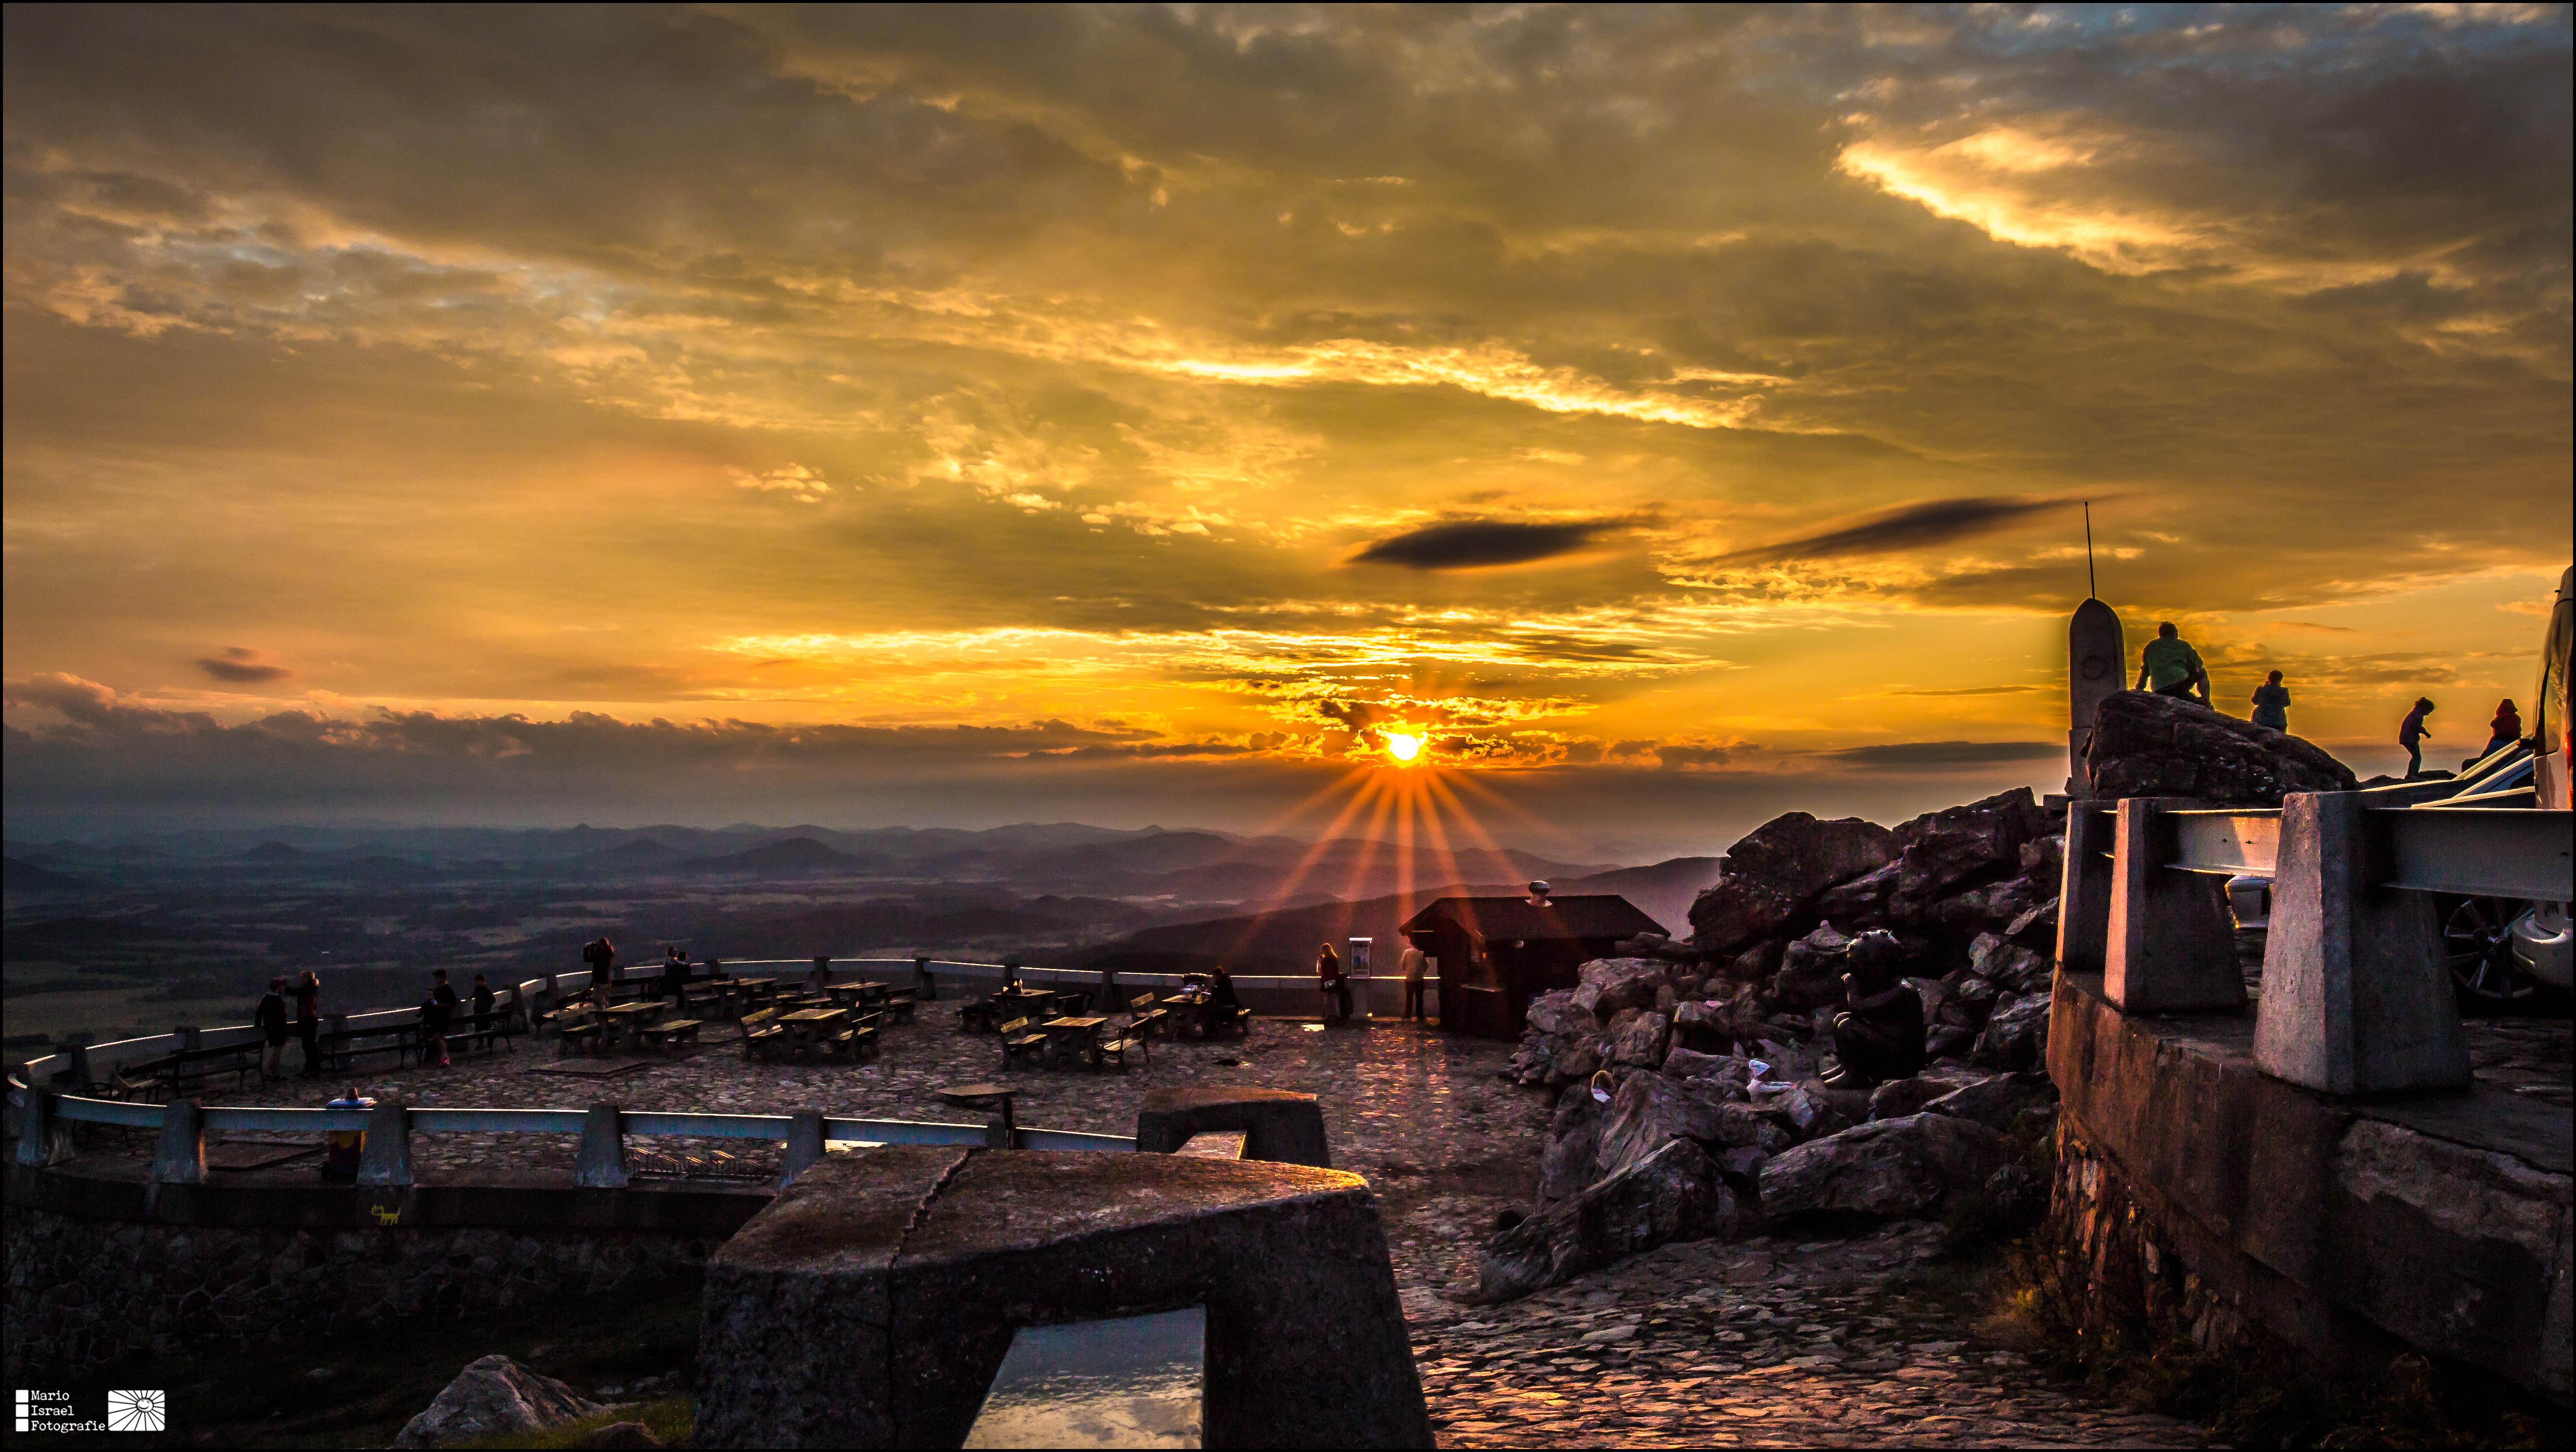 Sonnenuntergang auf dem Plateau des Jeschken/Ještěd